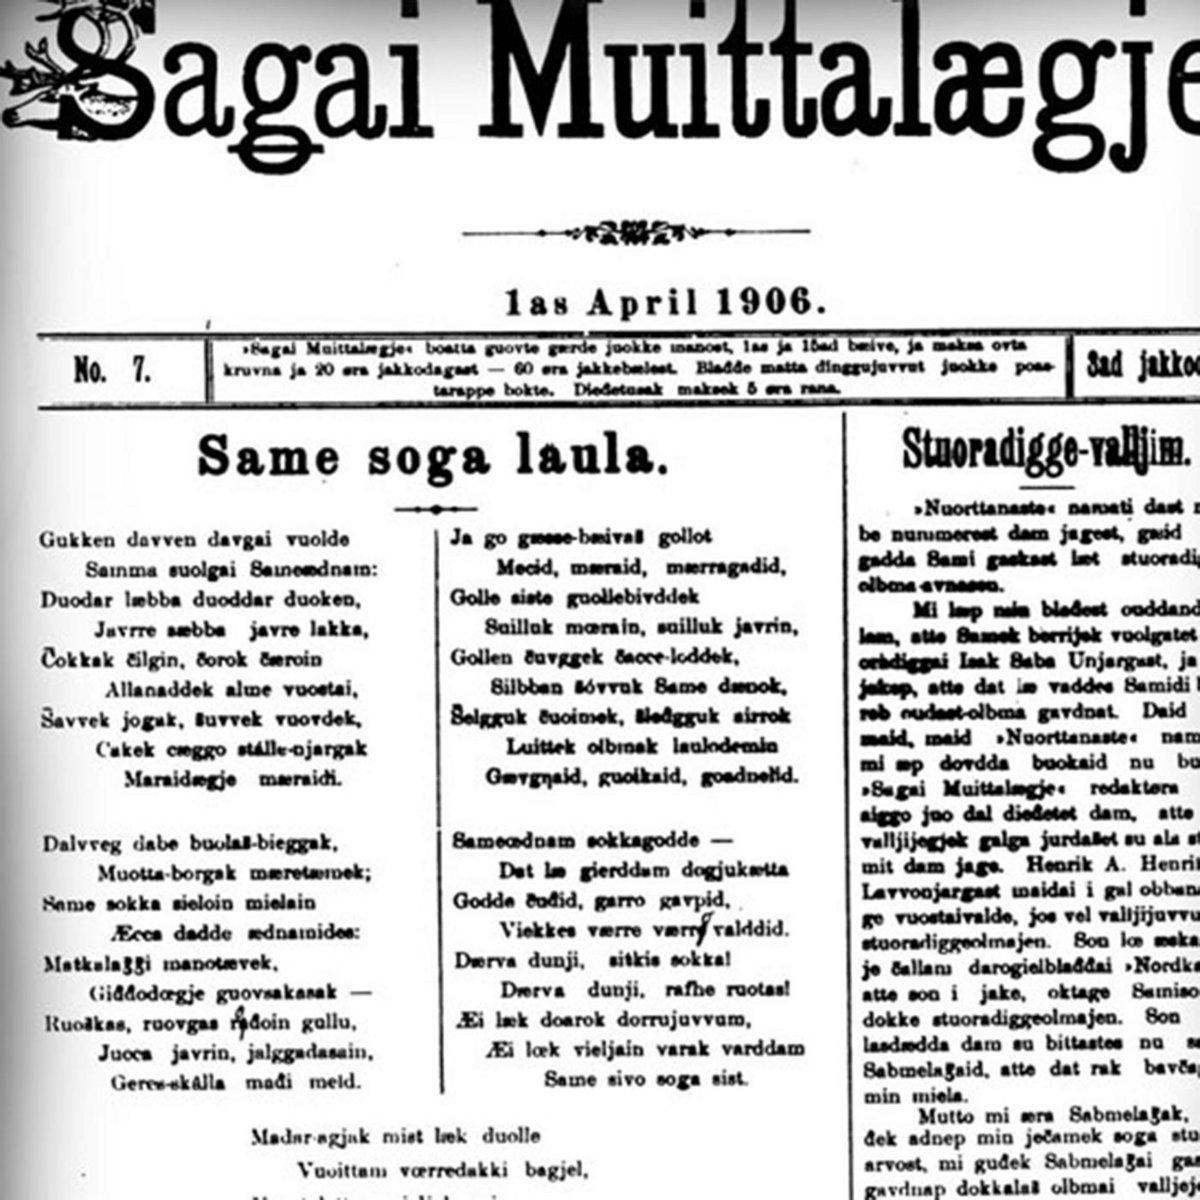 Sámi Soga Lávlla / Sami Anthem by Elin Kåven